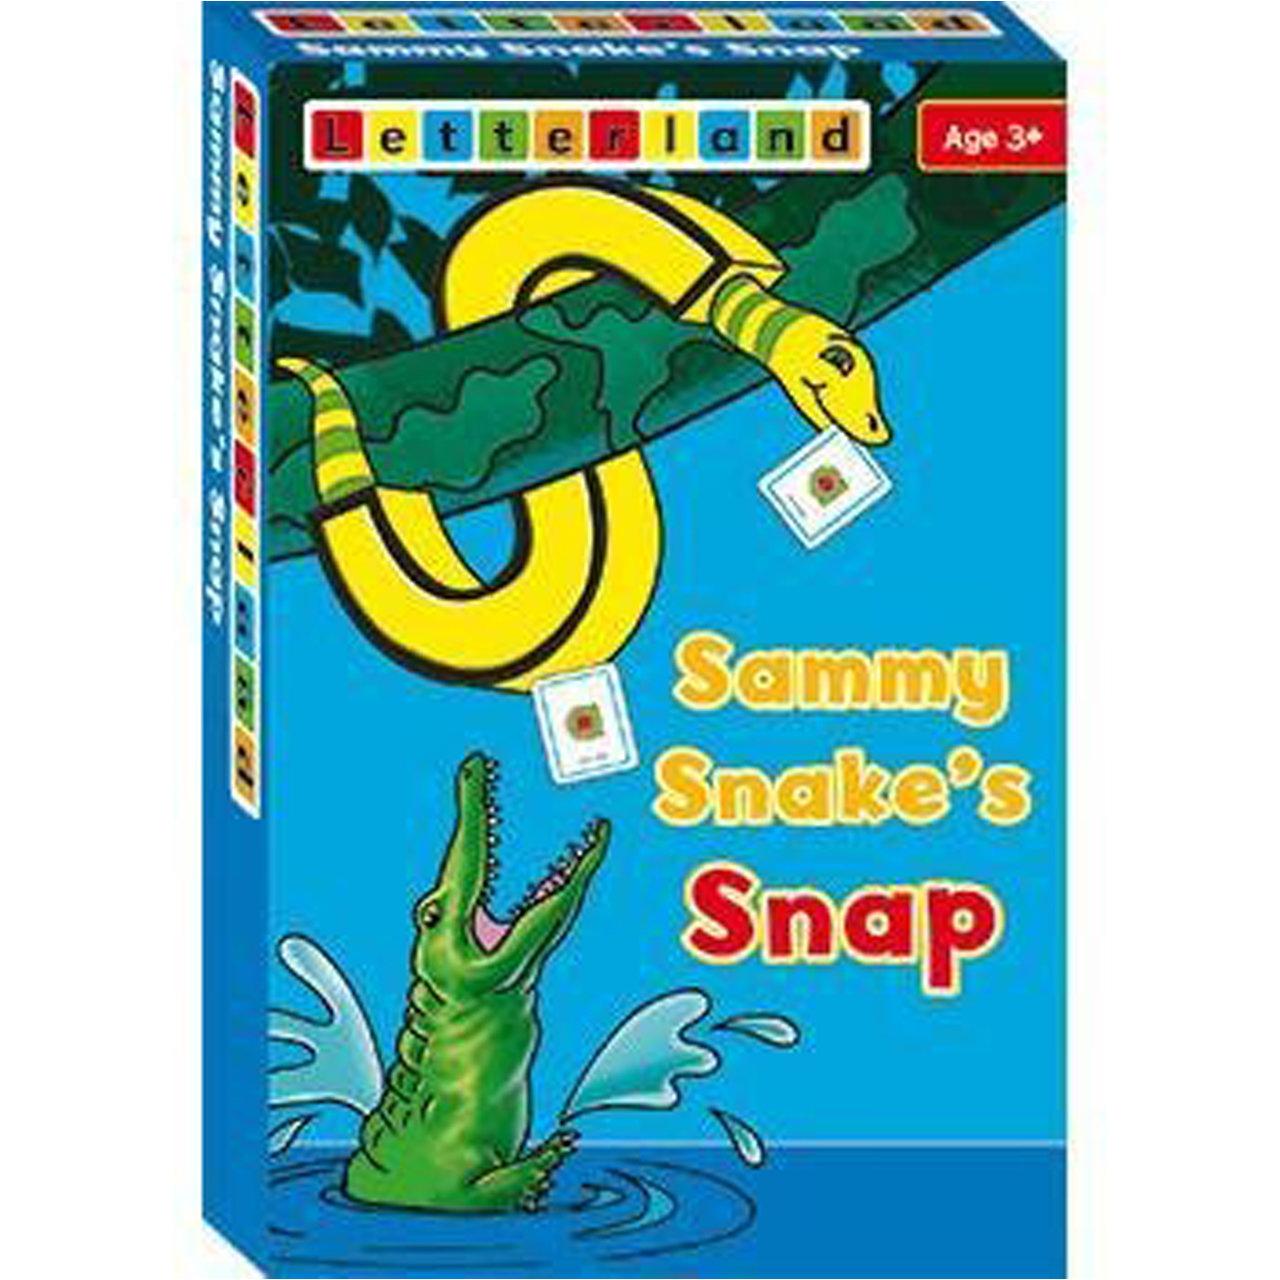 Sammy Snake's Snap (игровой набор карточек)